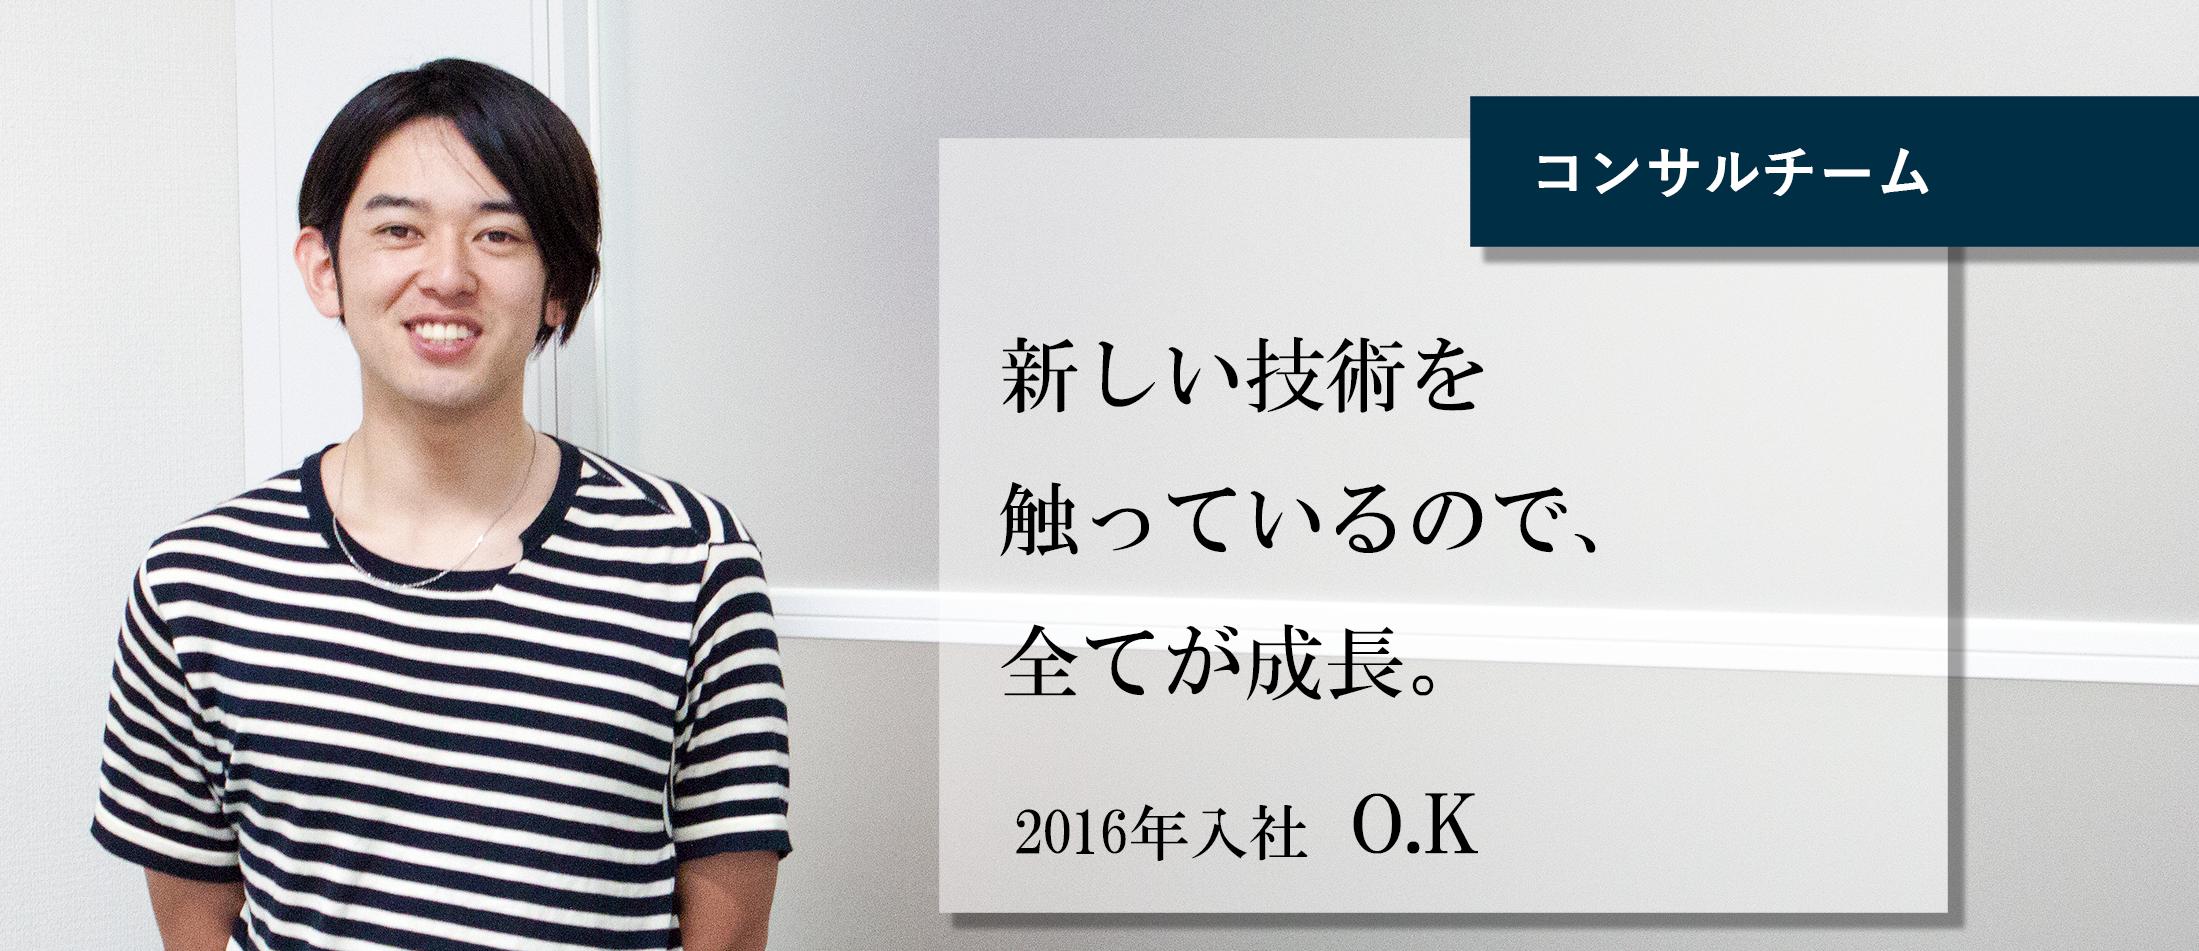 O.K_Top